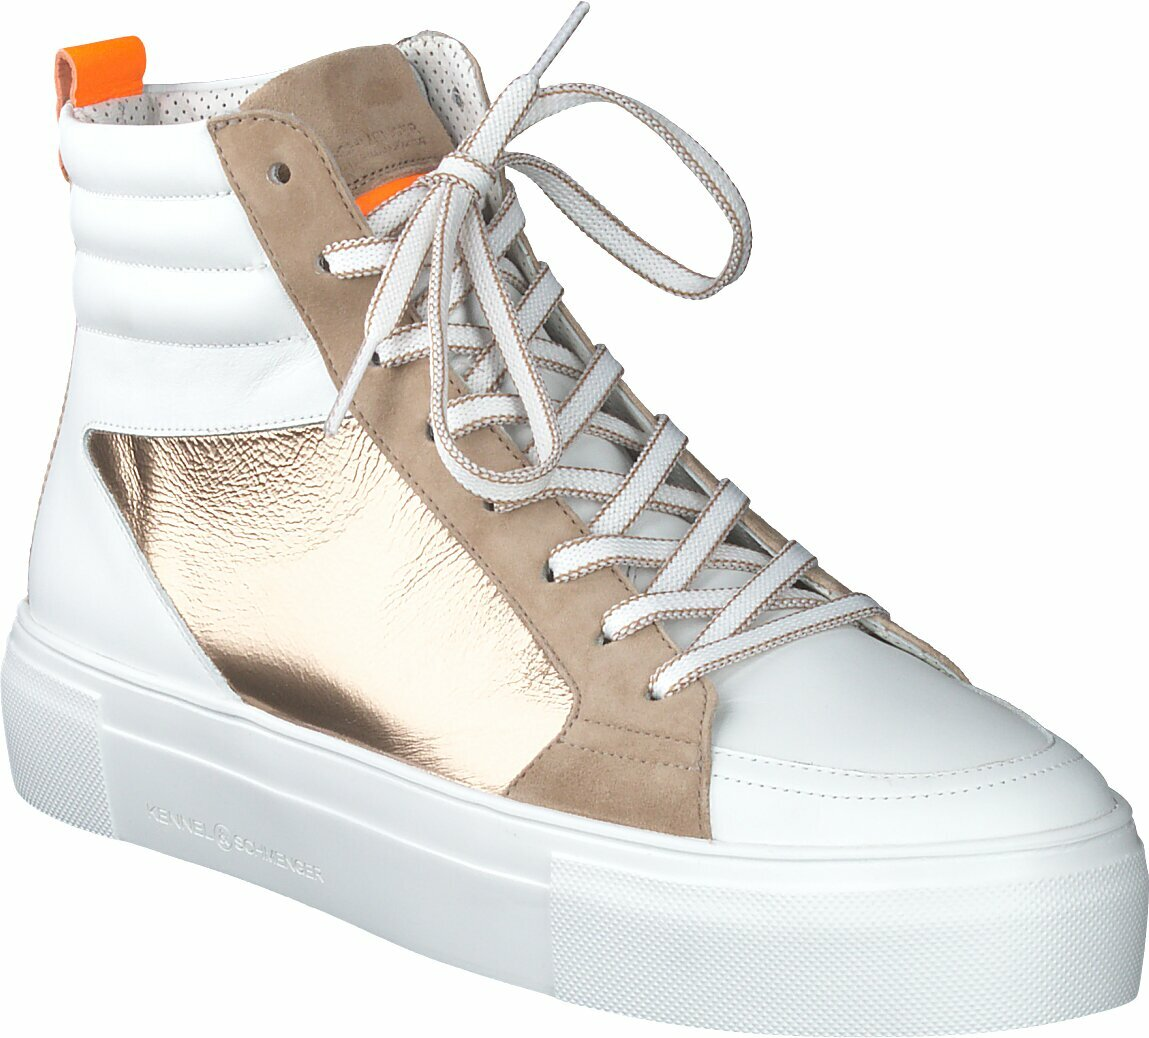 Prange: Weiße High Top Sneaker aus Leder von Kennel